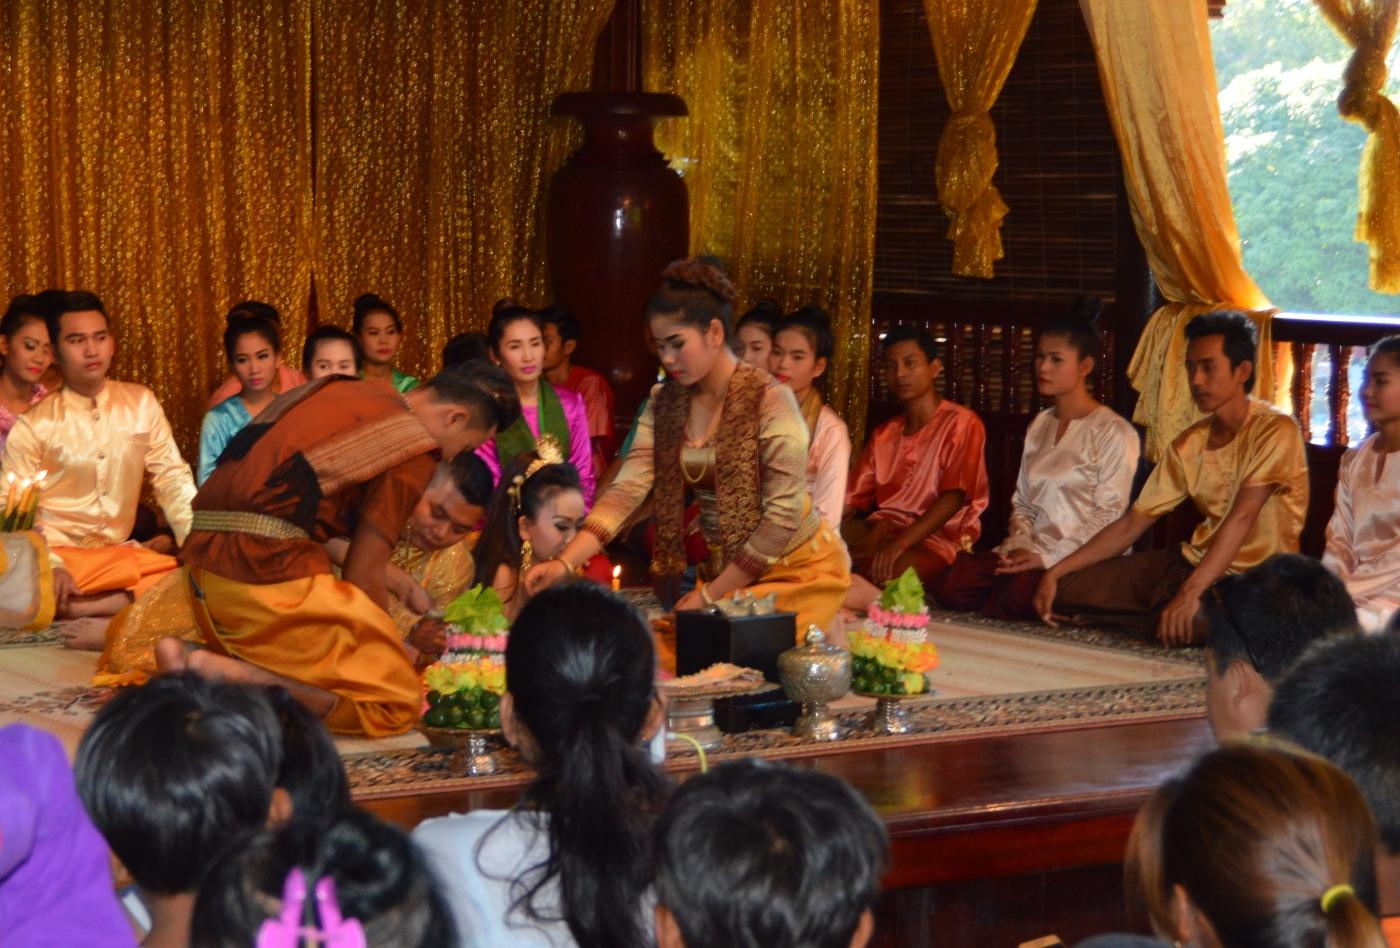 柬埔寨暹粒印象_图1-24